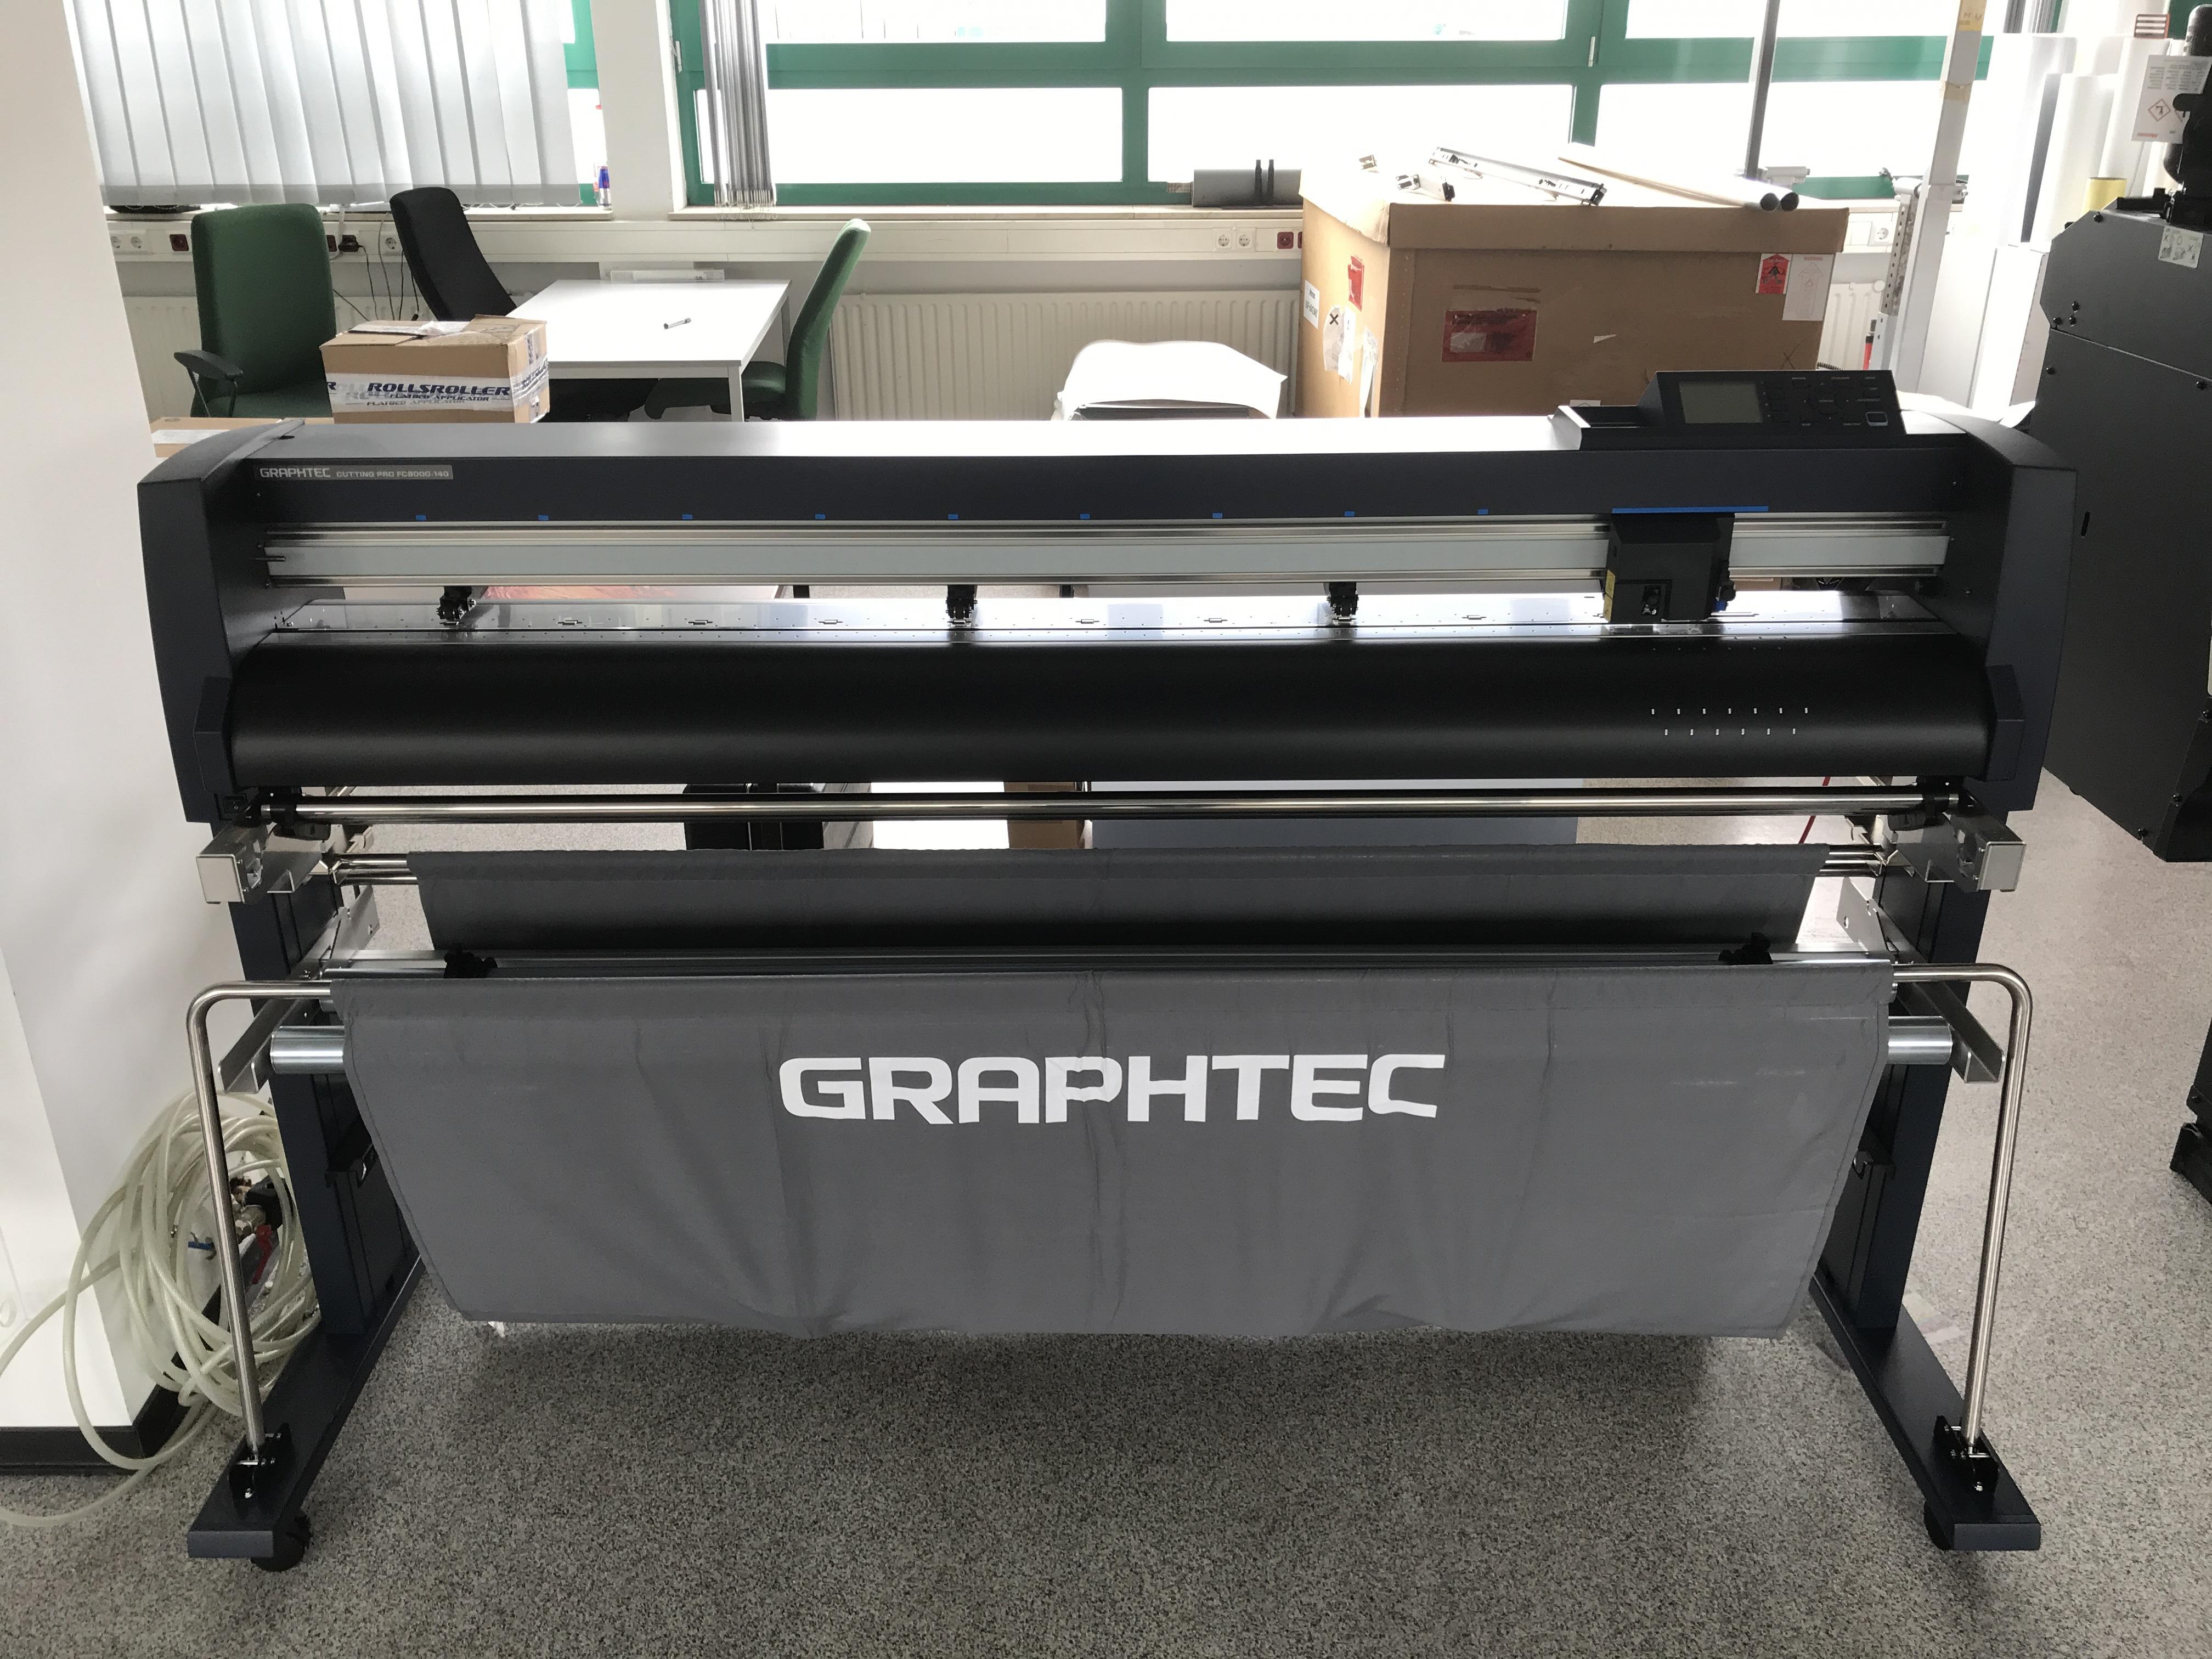 Graphtec FC9000-140 - Demogerät